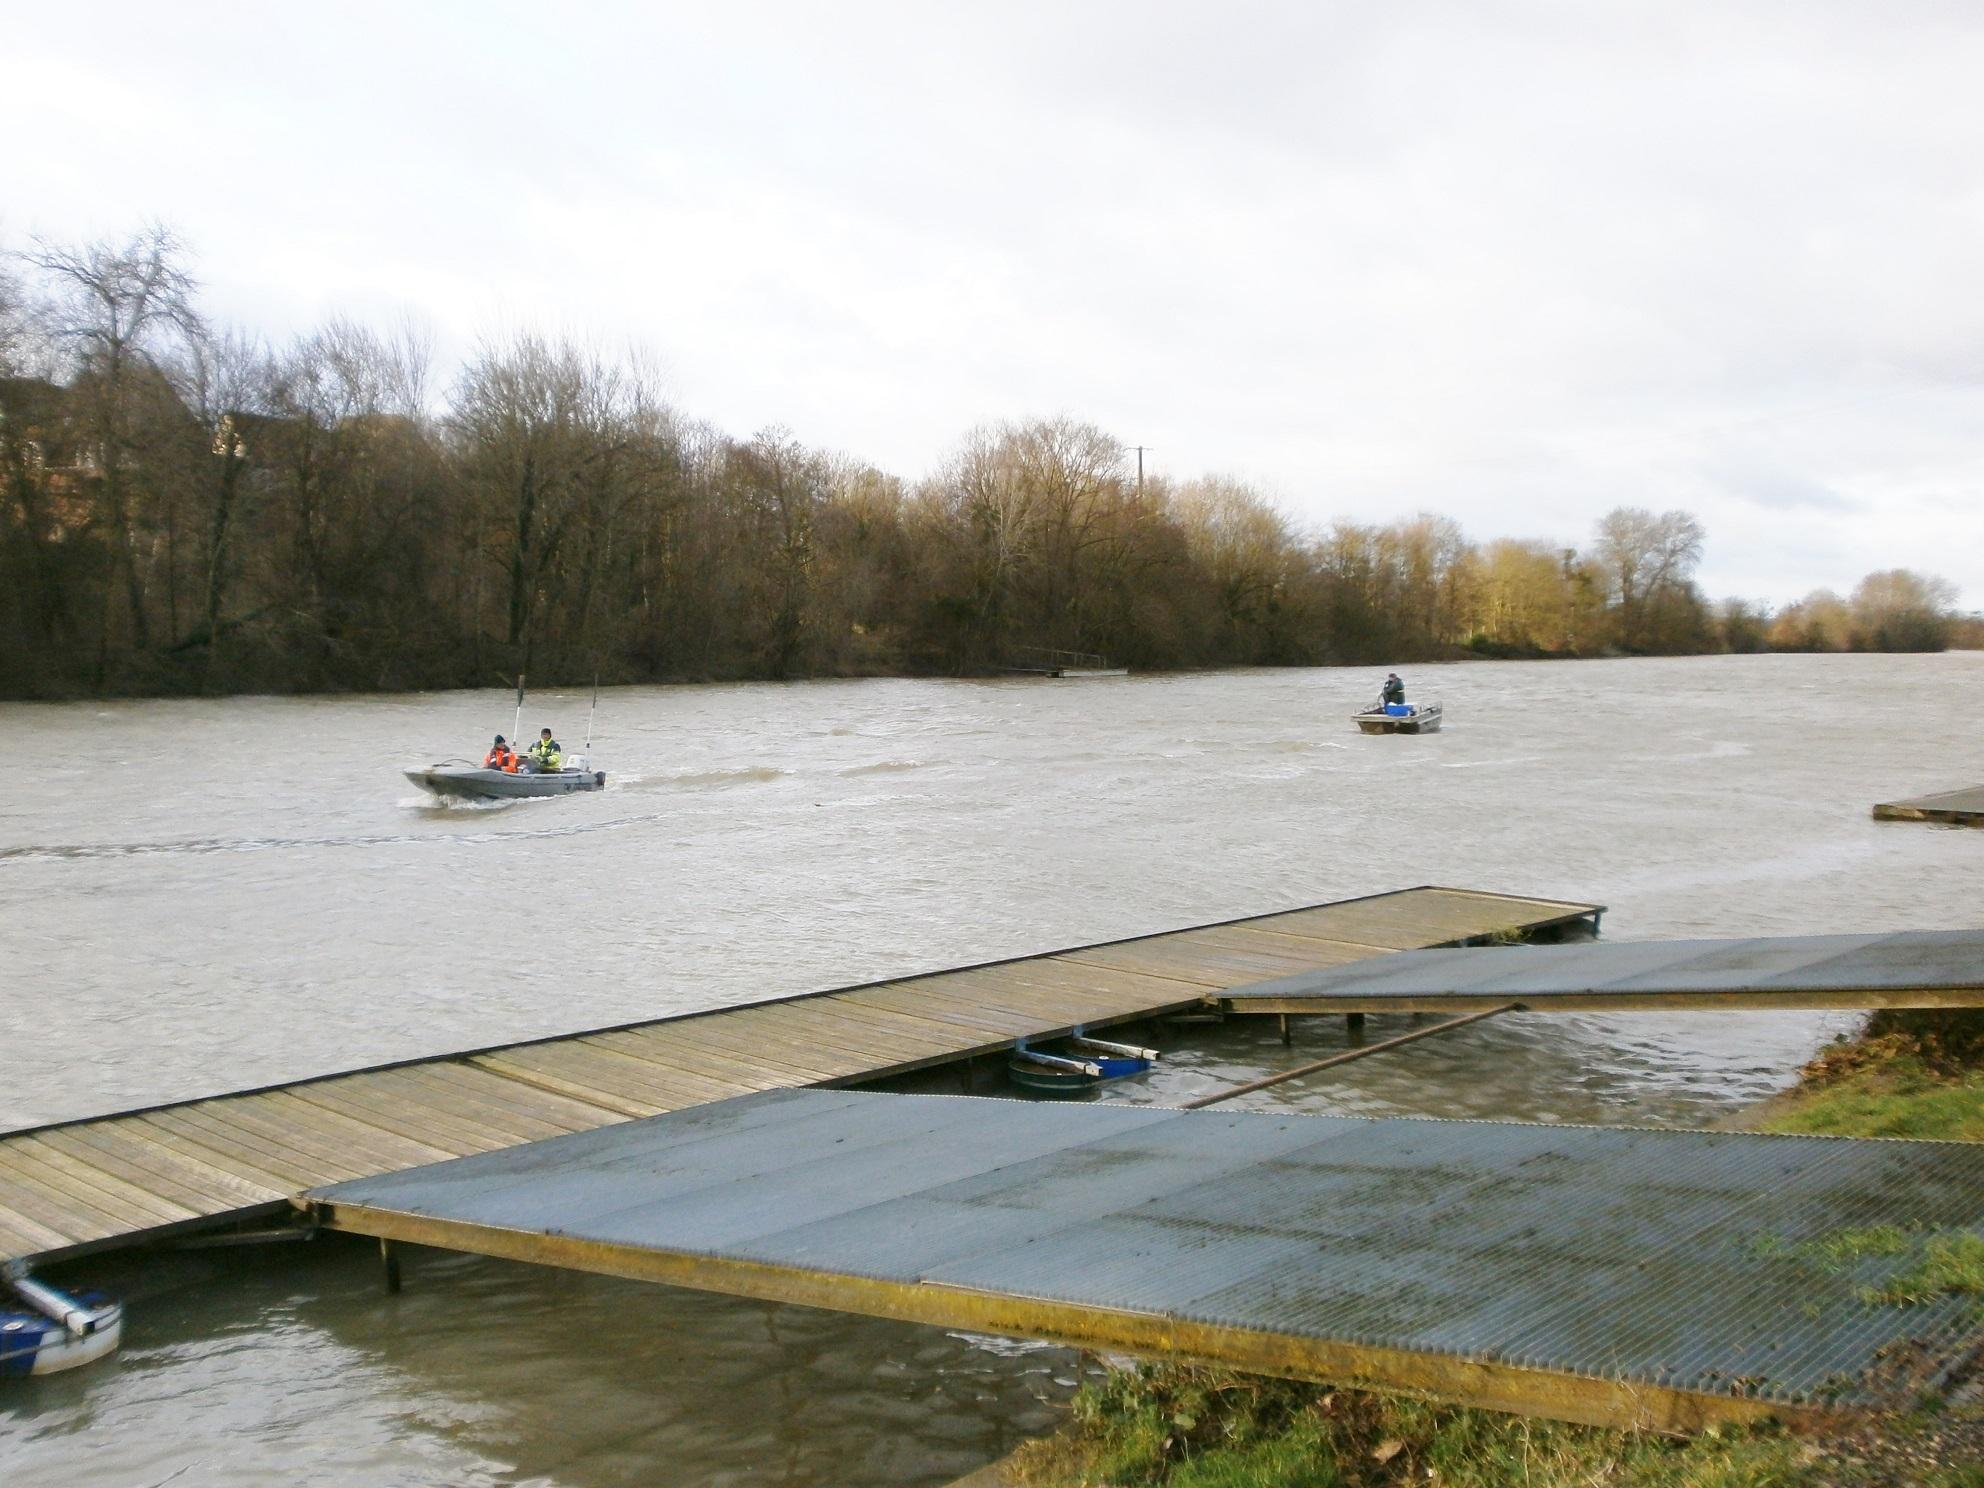 Sismique réfraction sur la Seine – Meulan (78)